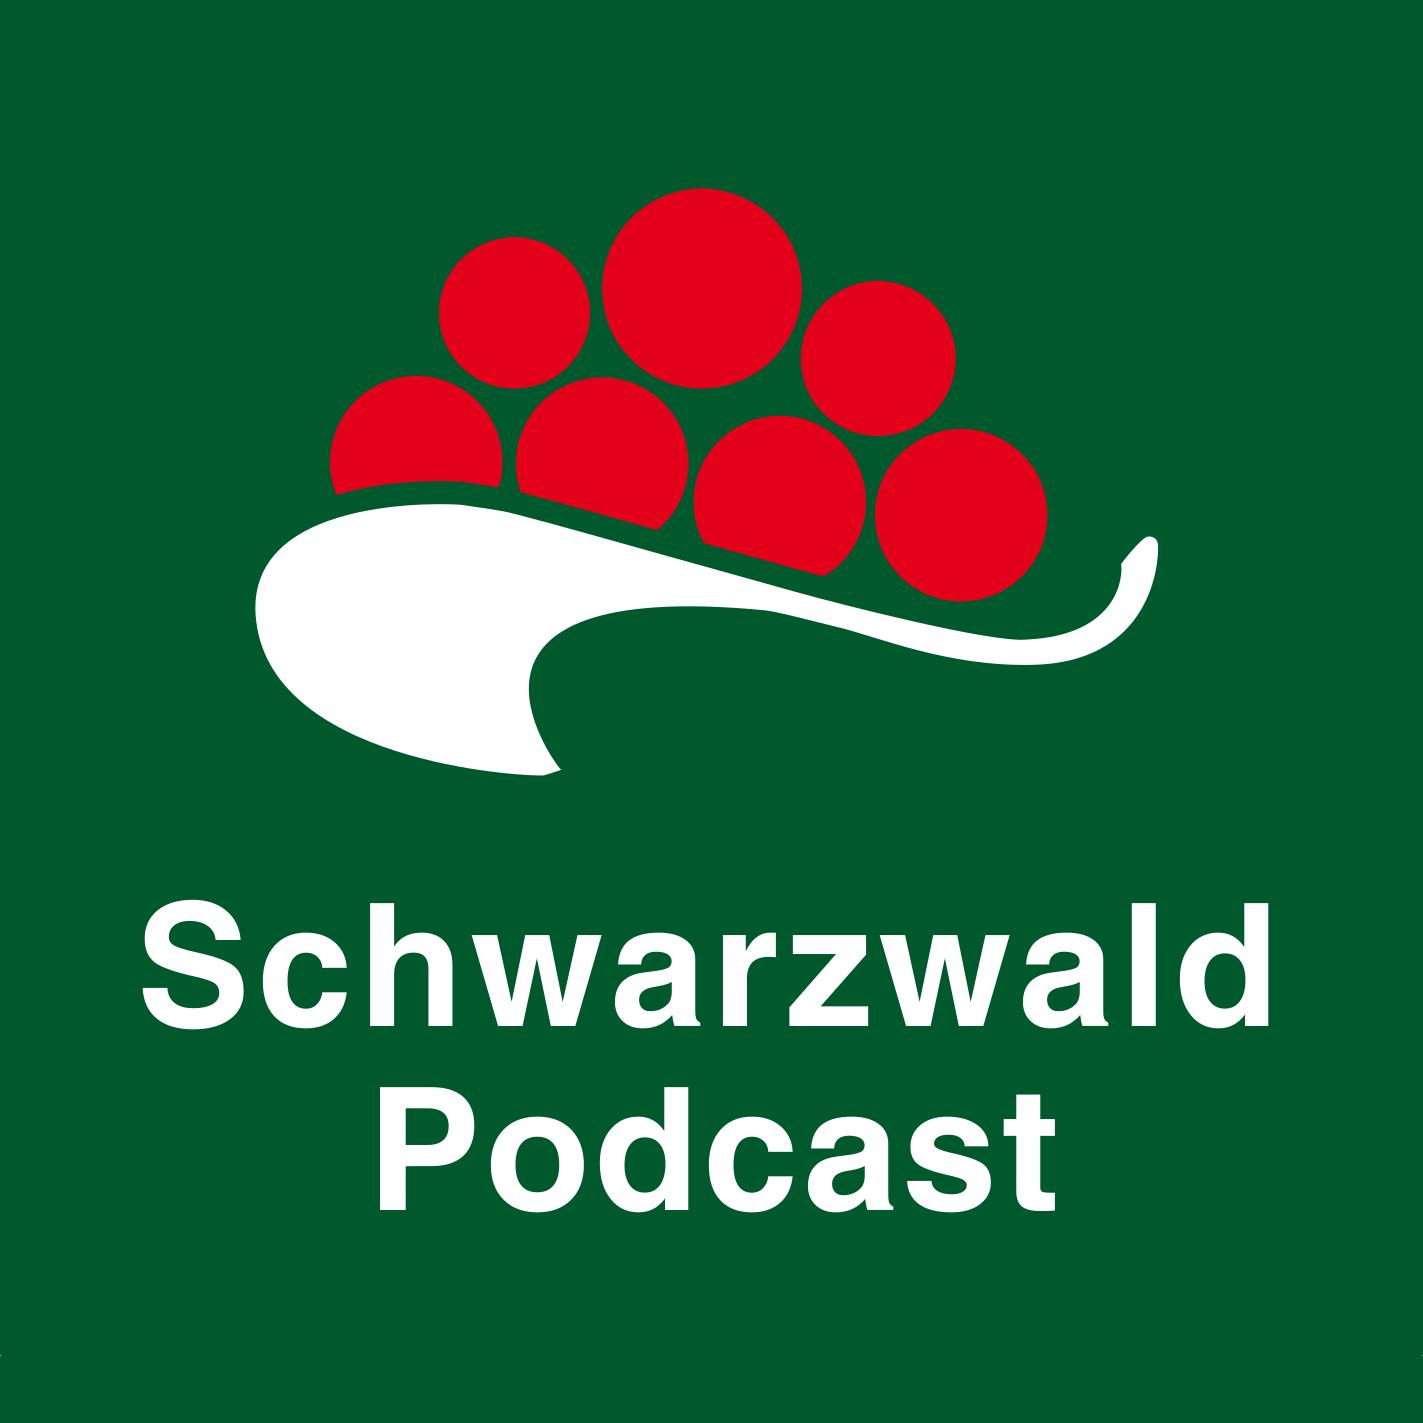 Schwarzwald-Podcast